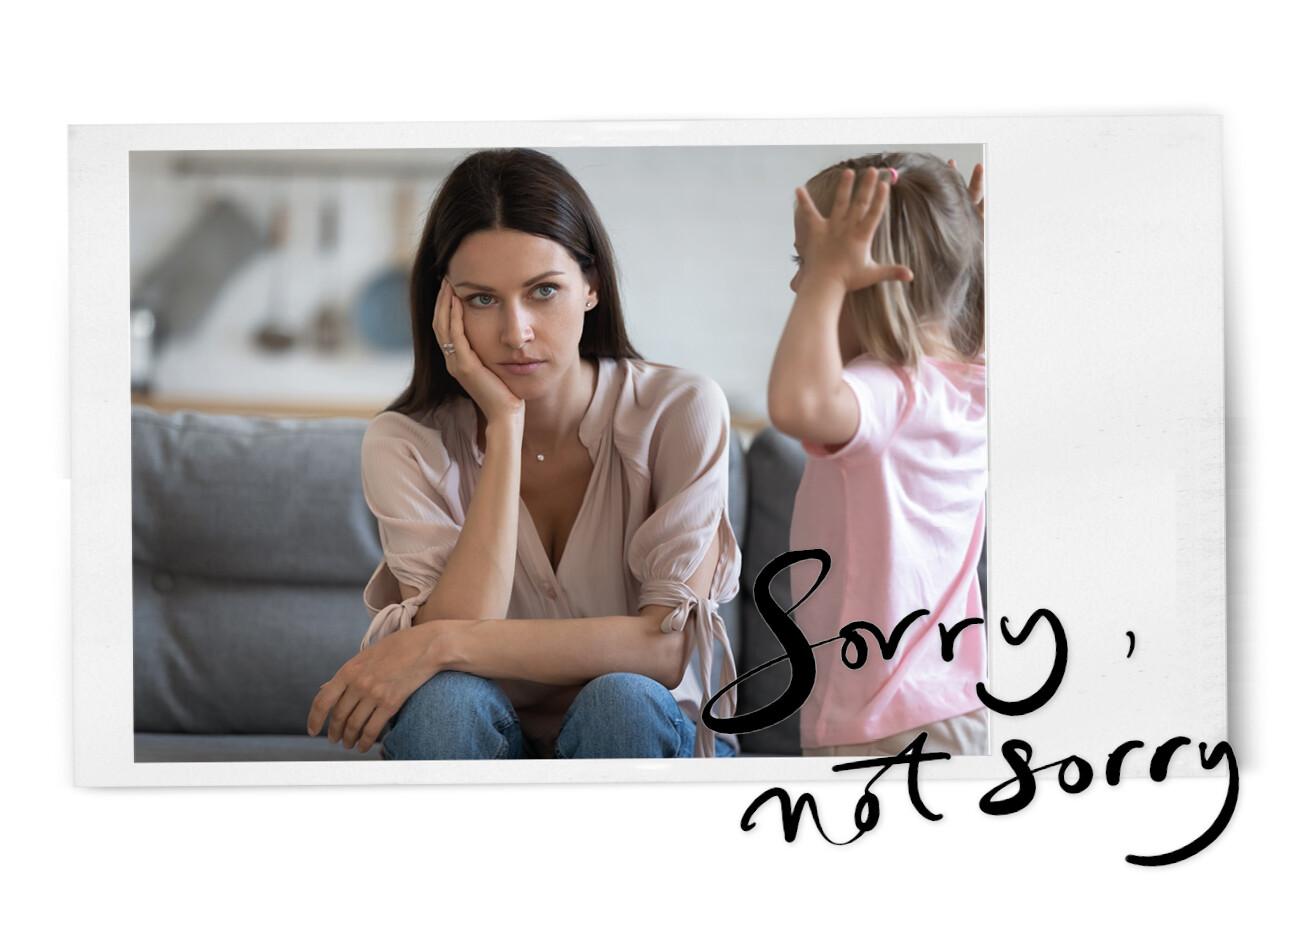 vrouw kijkt geïrriteerd naar kind